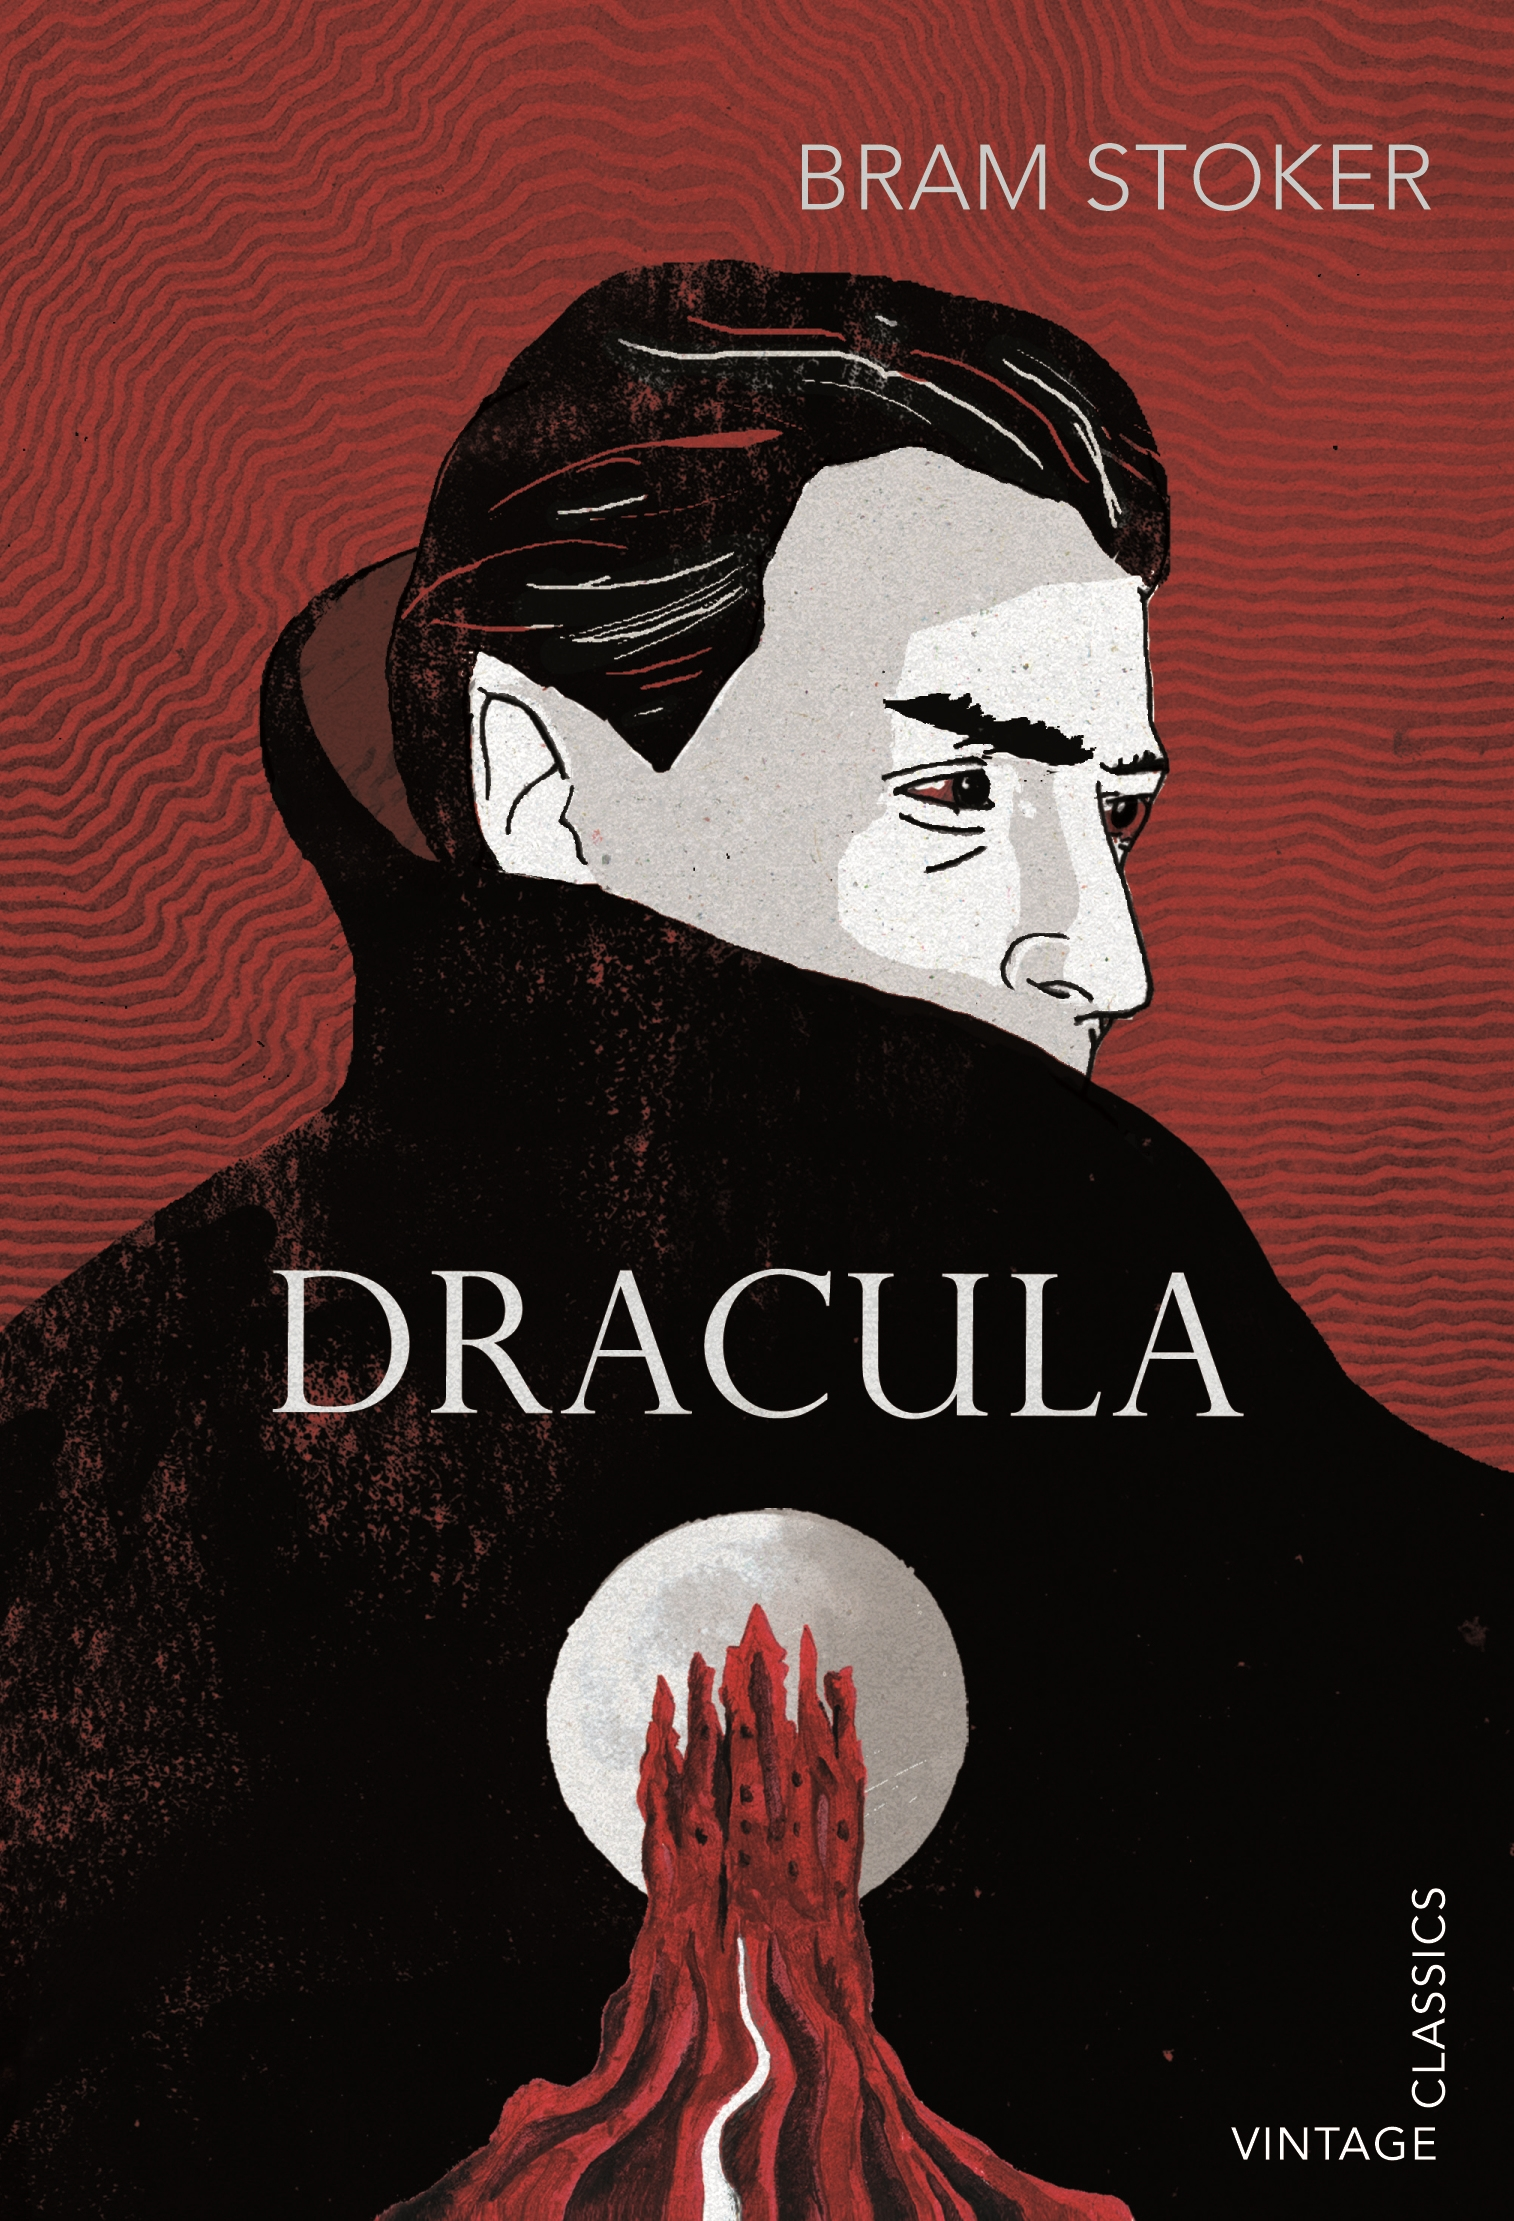 Original Penguin Book Covers : Dracula by bram stoker penguin books australia